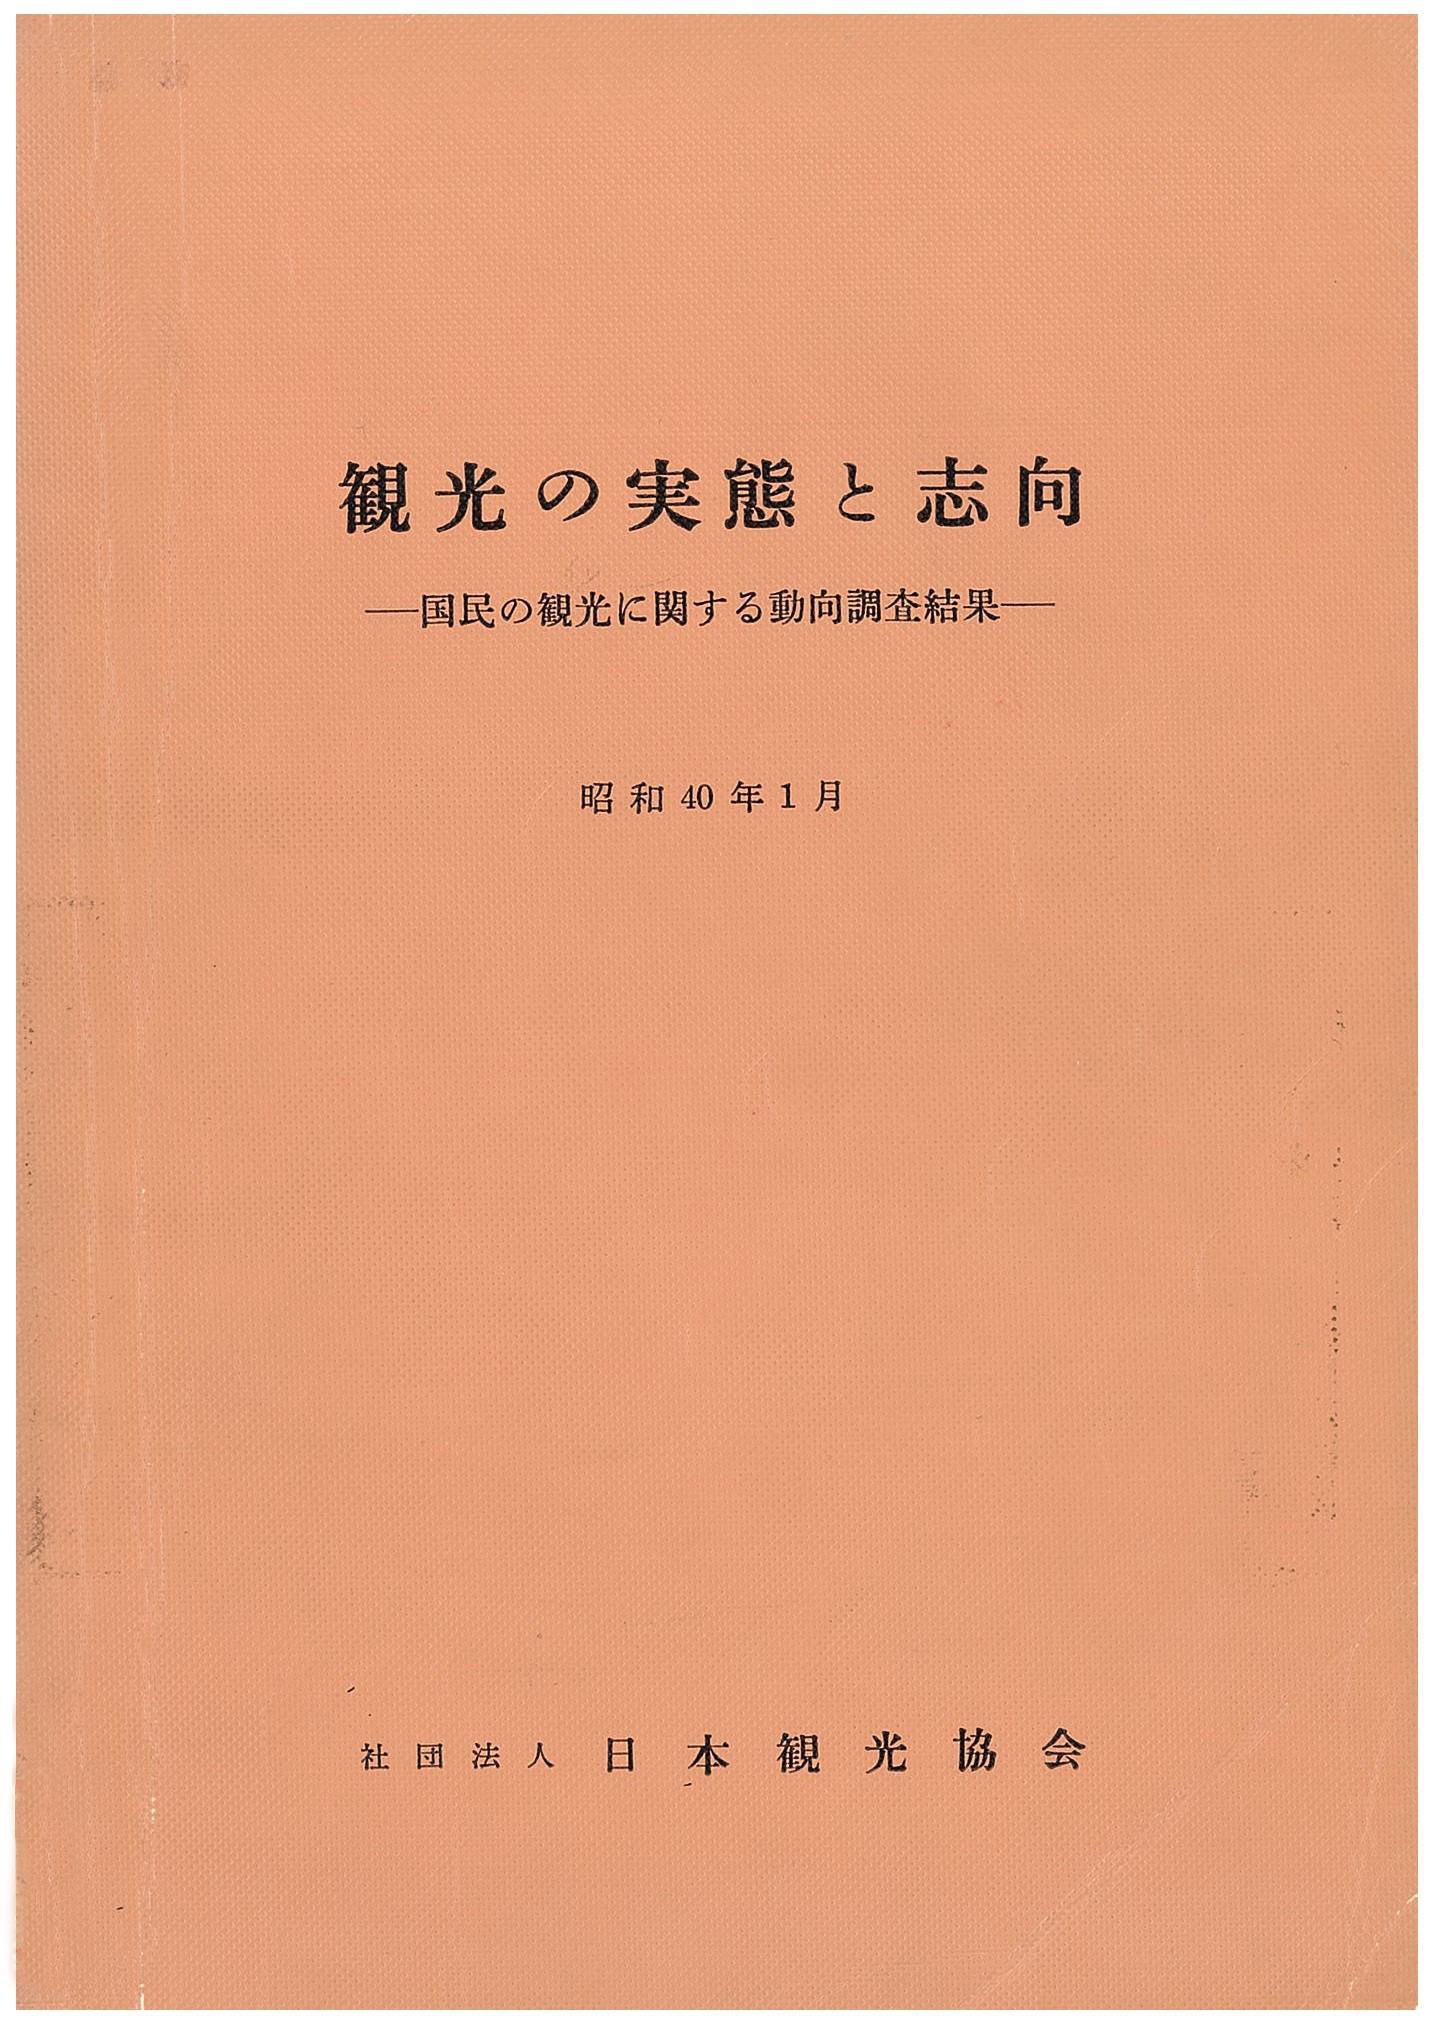 図3 『観光の実態と志向 昭和40年1月』